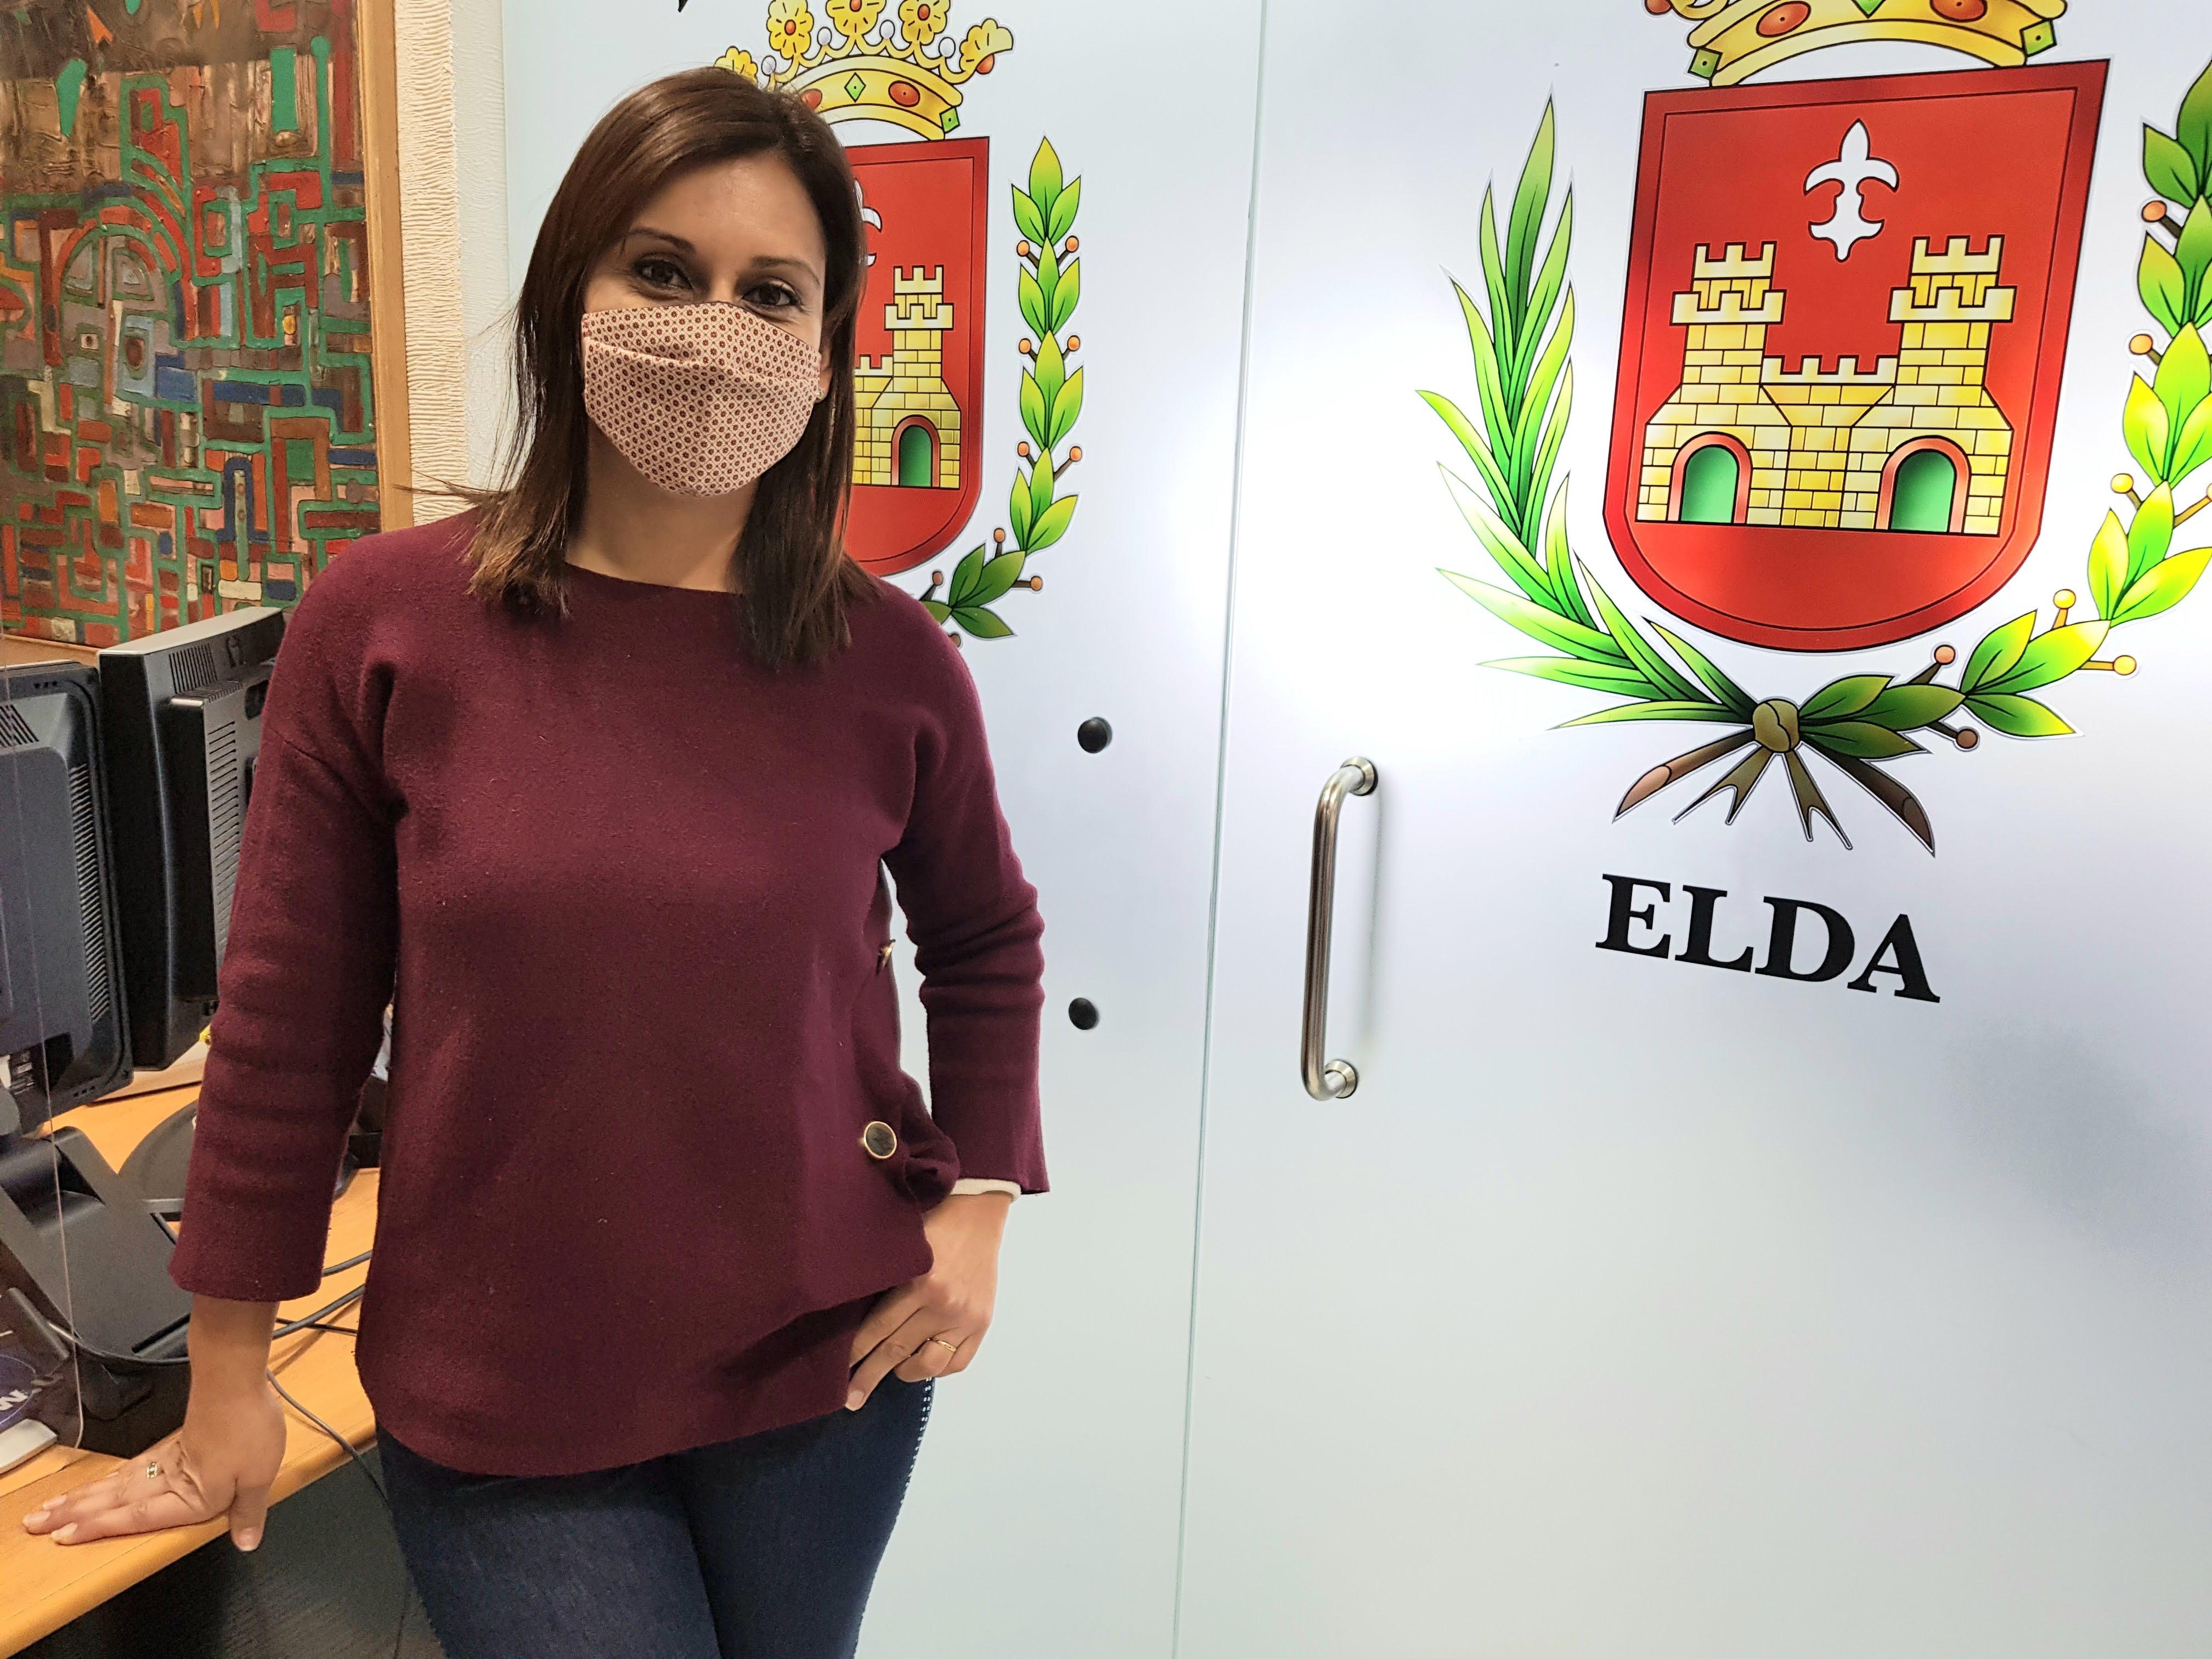 El Ayuntamiento de Elda contará con 175.581 euros de los fondos EMCORP 2021 para  contratar a 15 personas mayores de 30 años